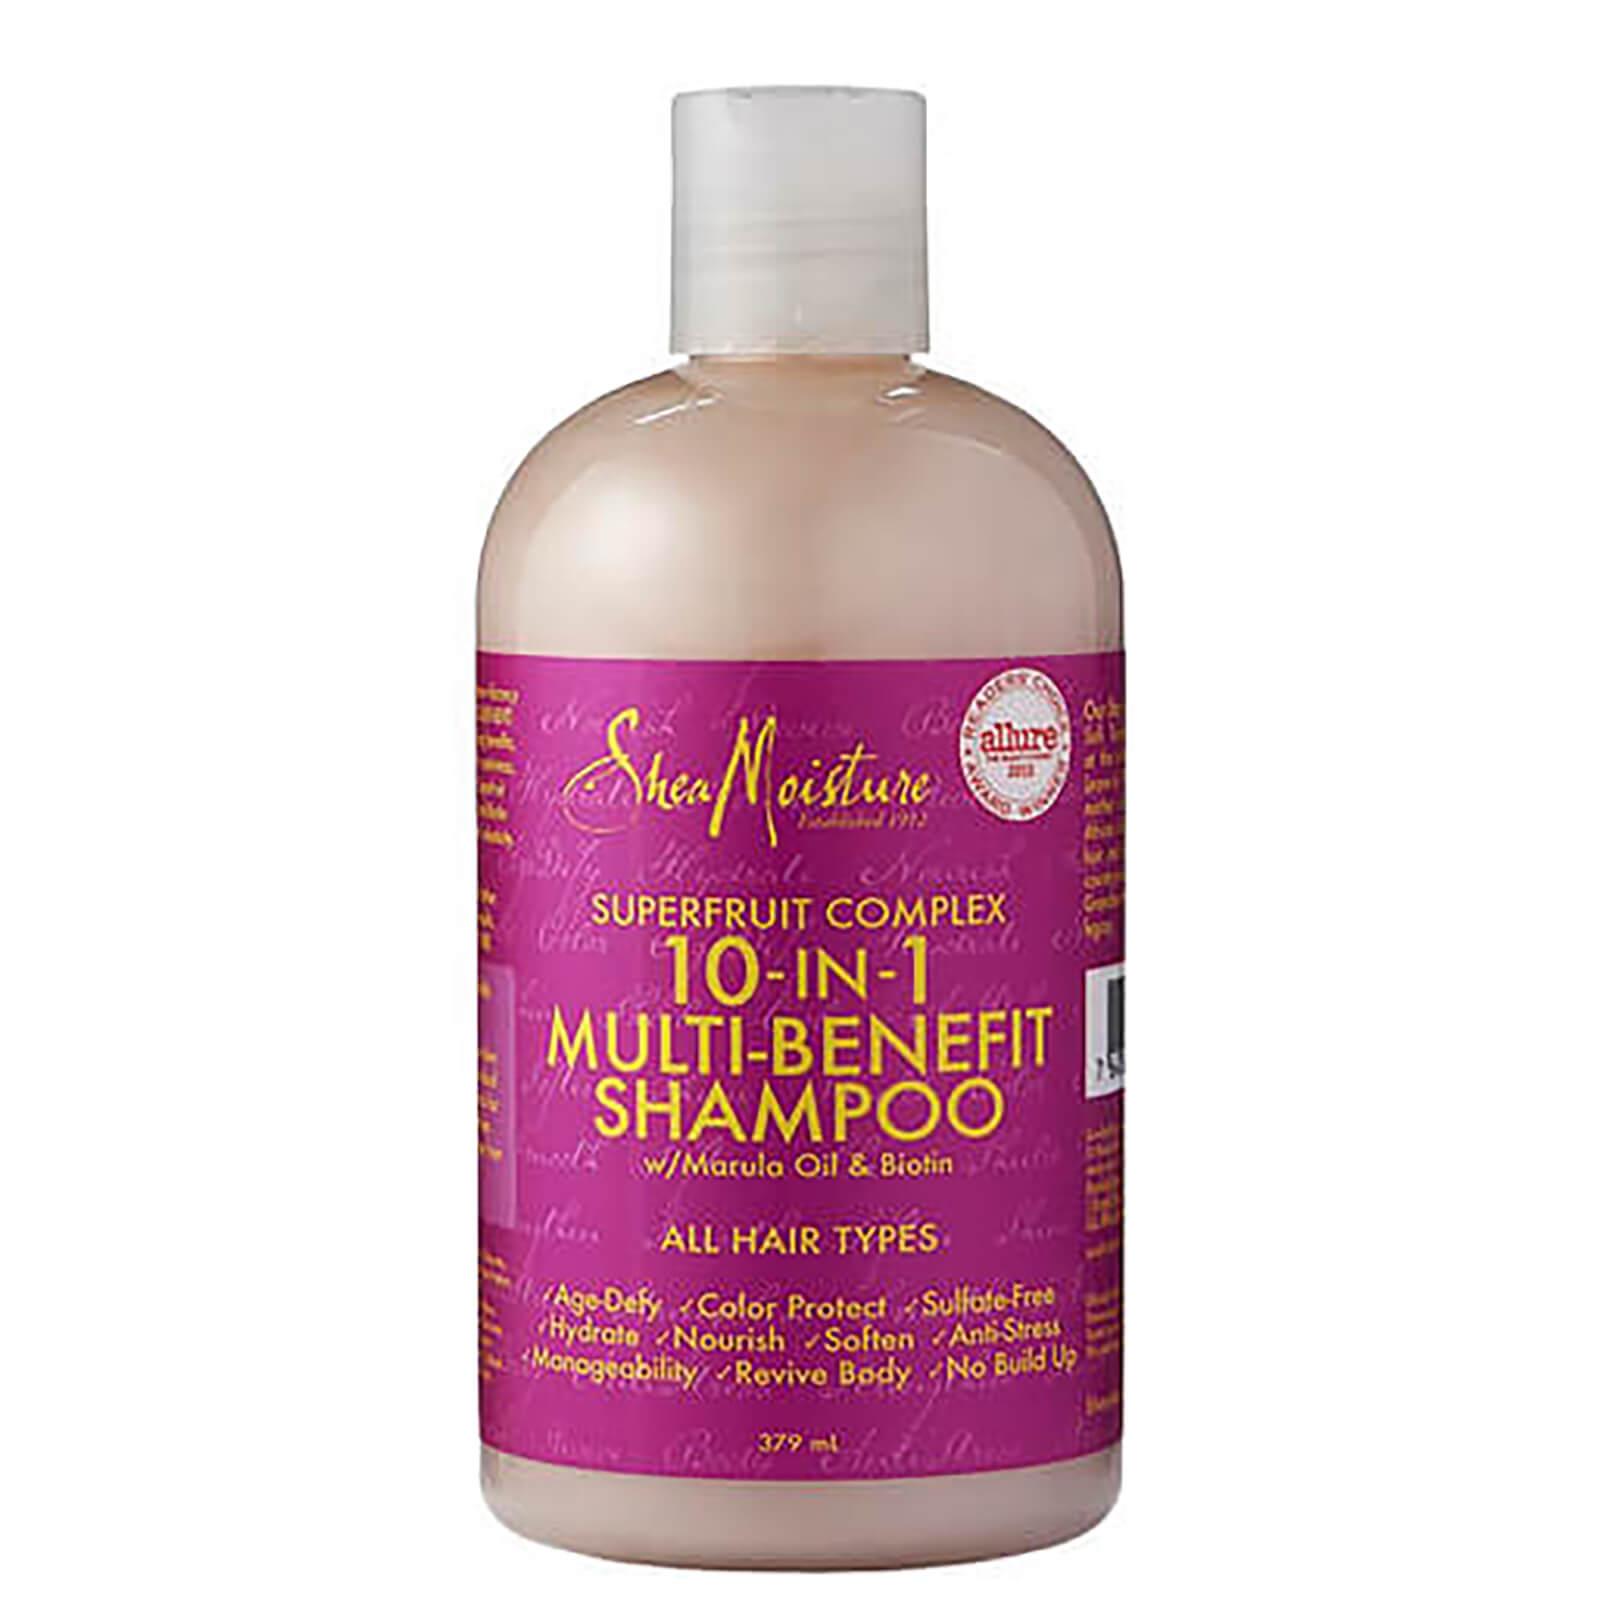 superfruit shamp.jpg